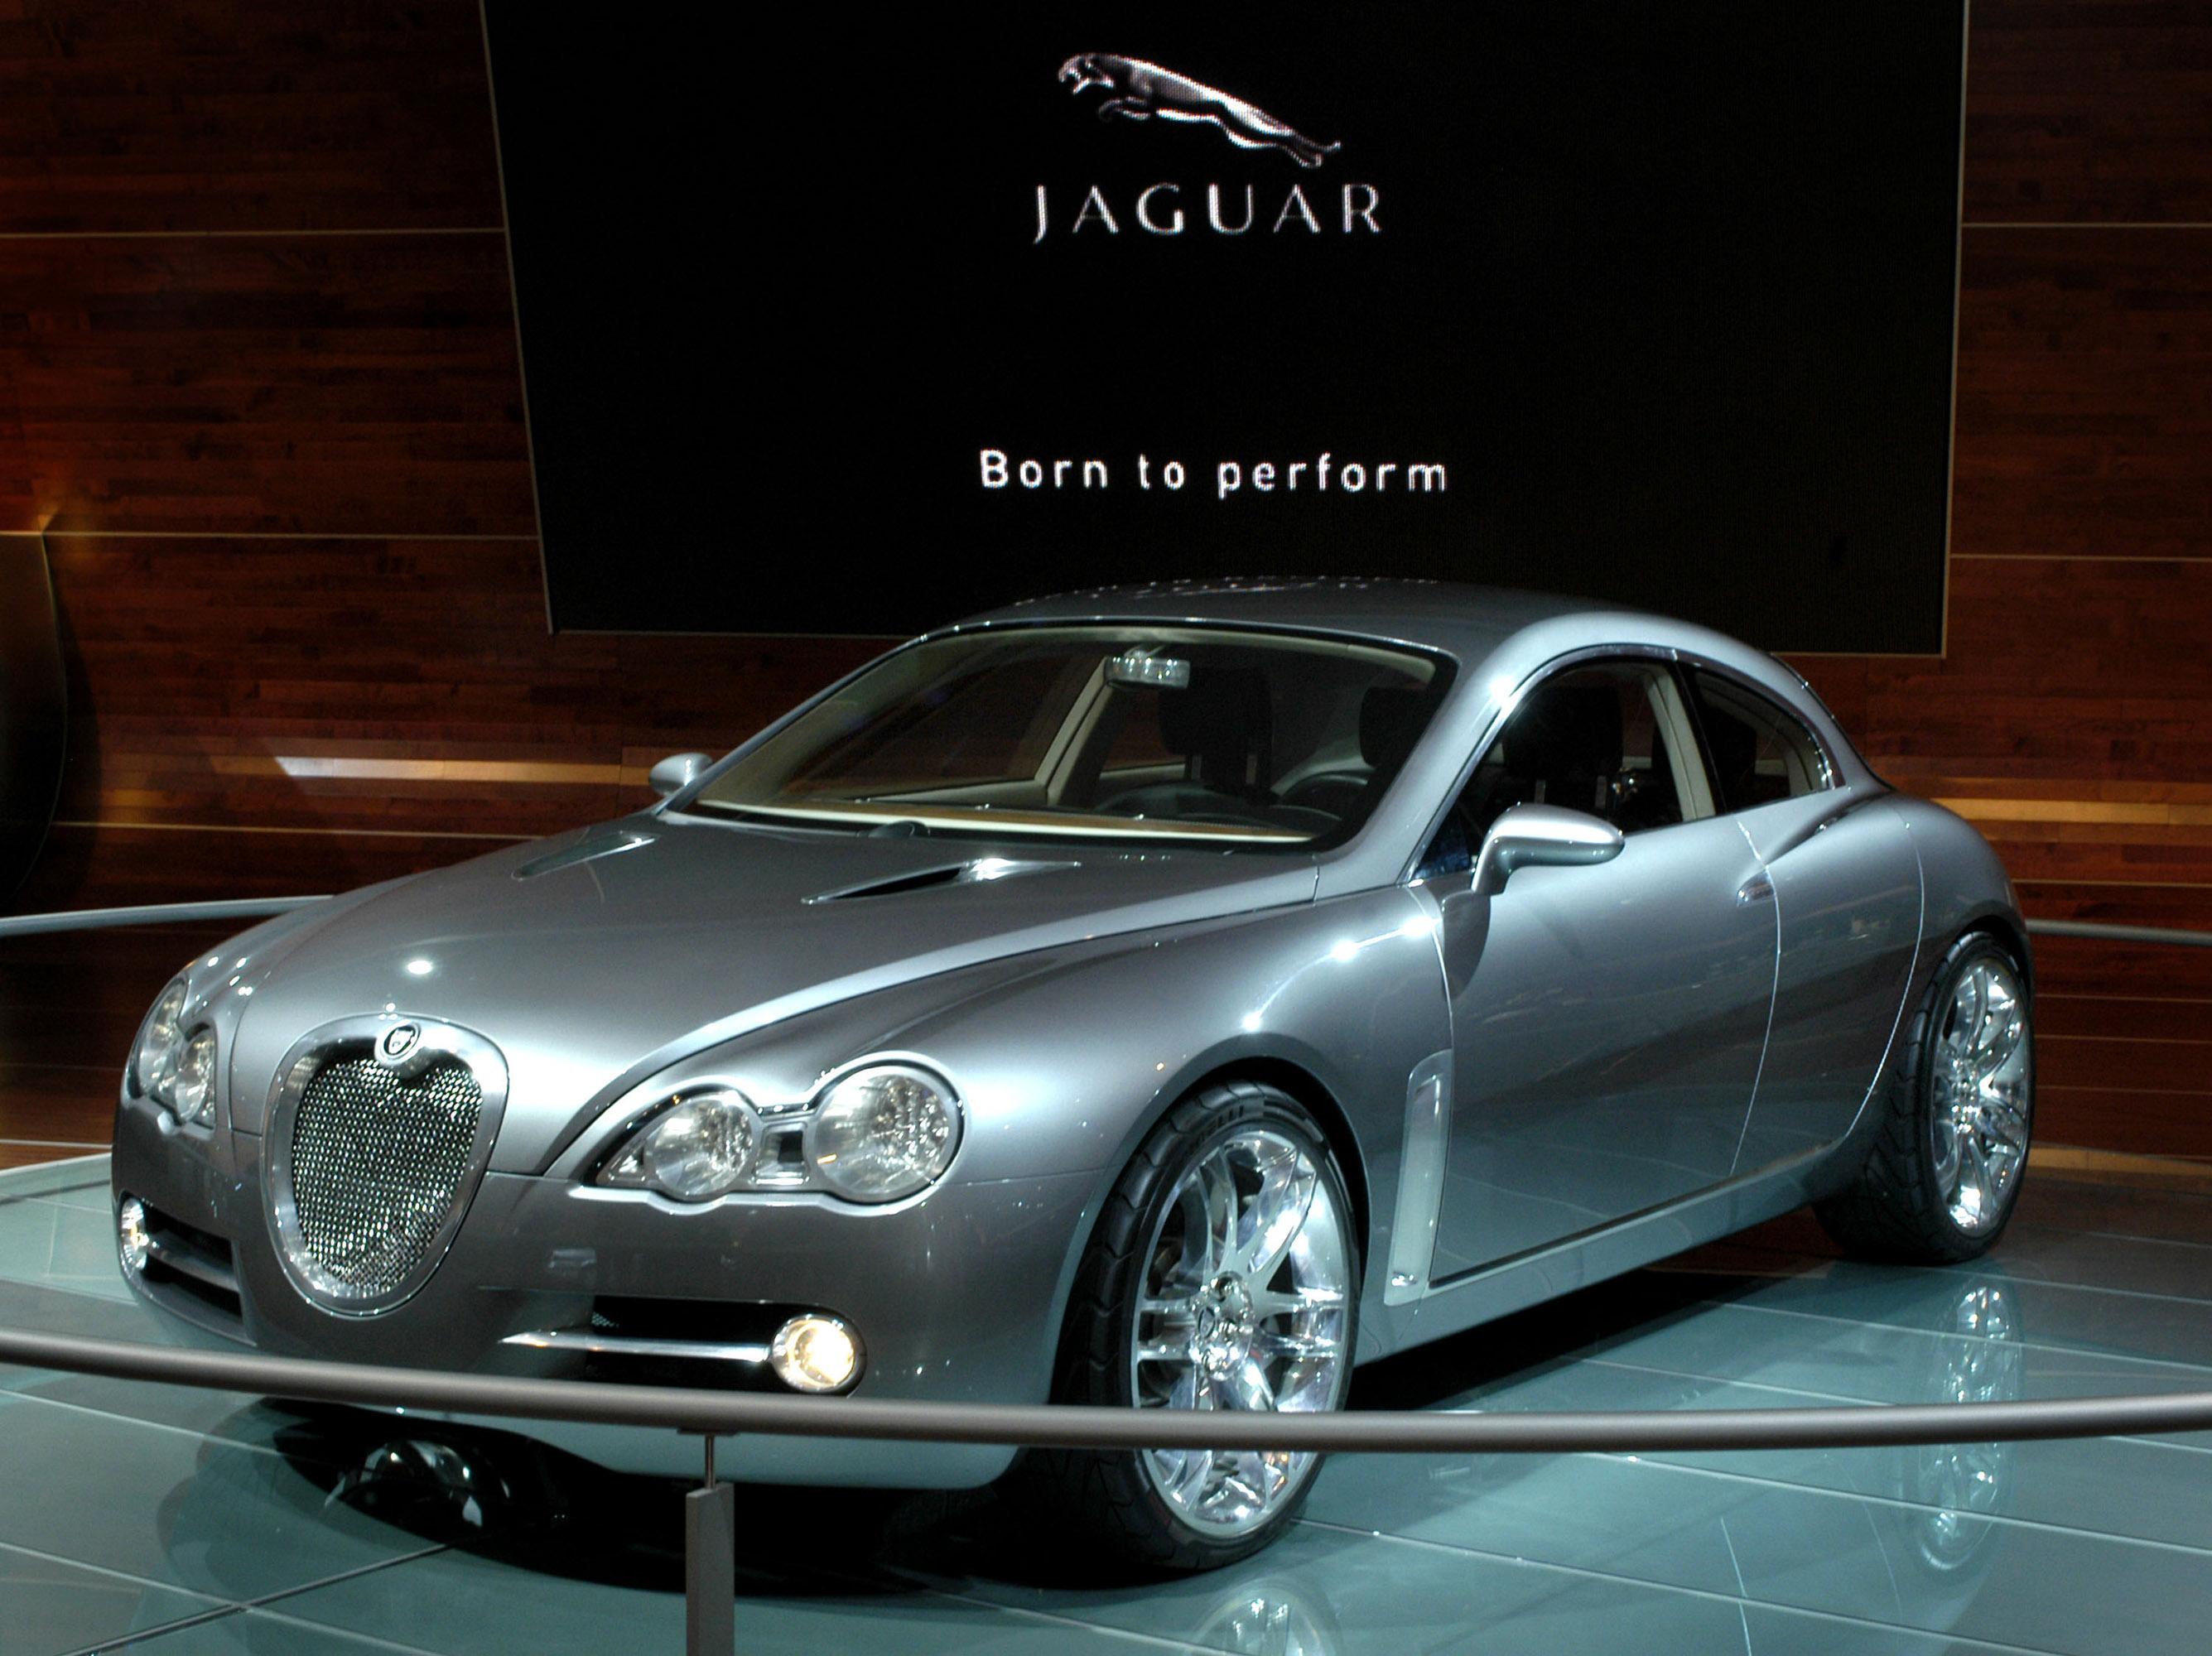 2010 Jaguar RD6 Concept photo - 2